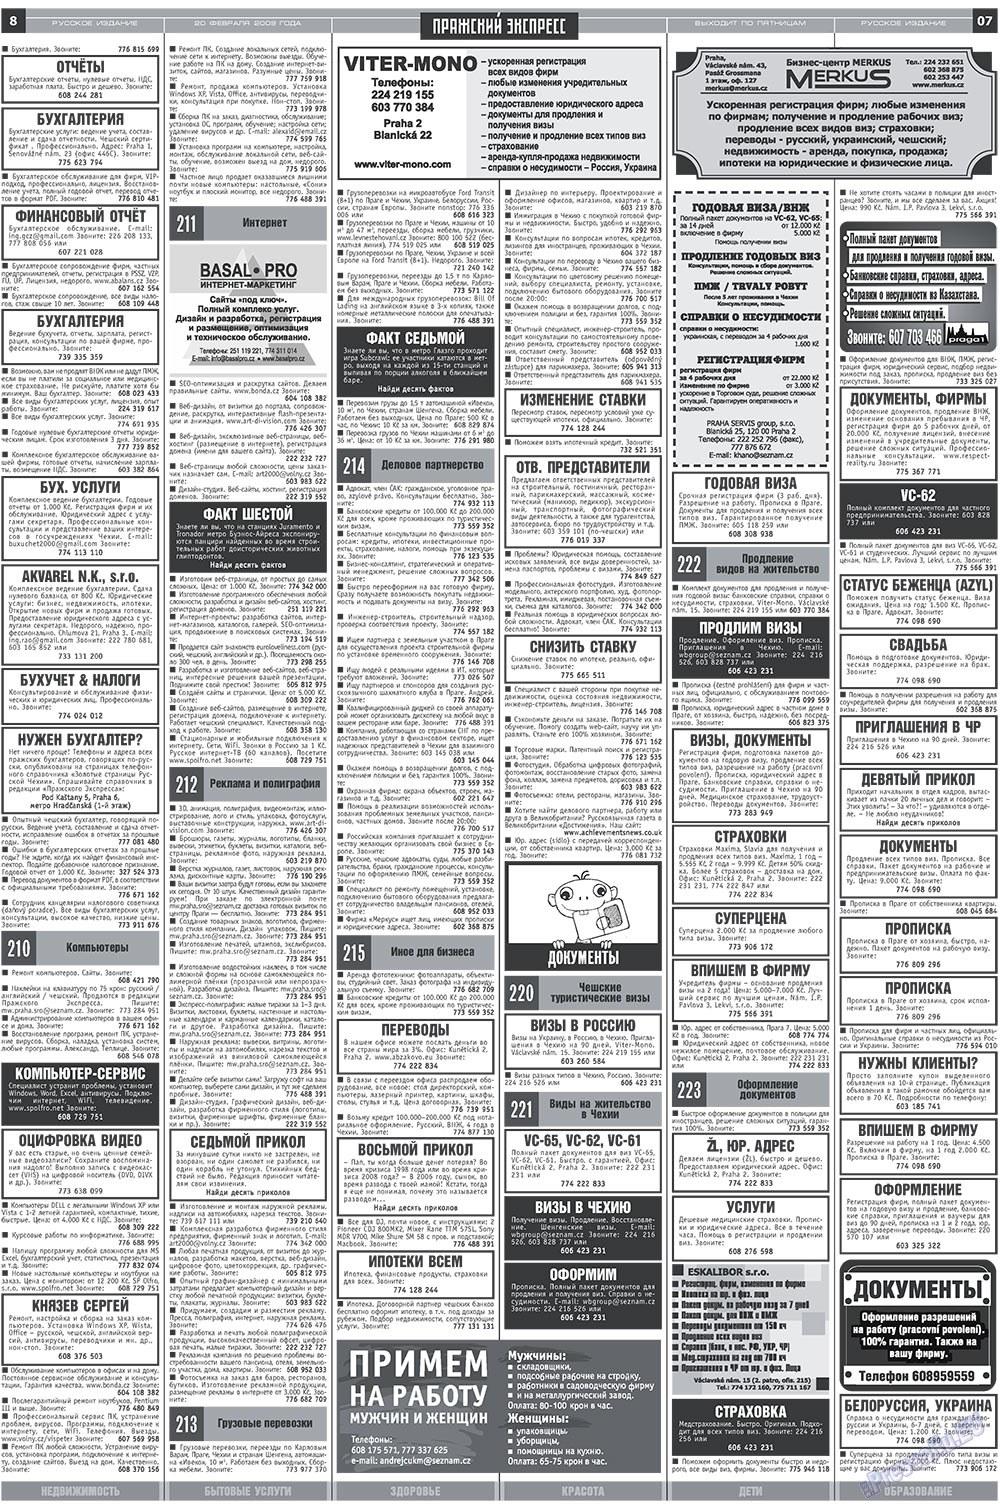 Пражский экспресс (газета). 2009 год, номер 7, стр. 8